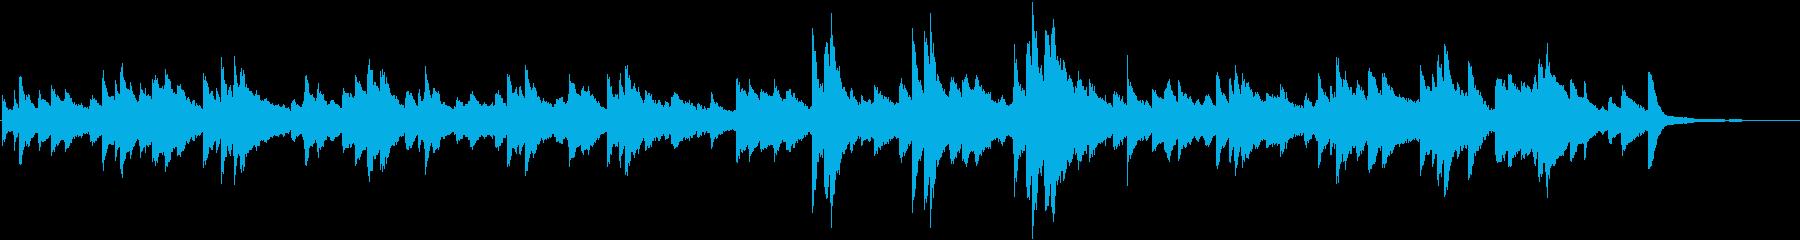 喪失感を抱えたピアノメインのバラードの再生済みの波形